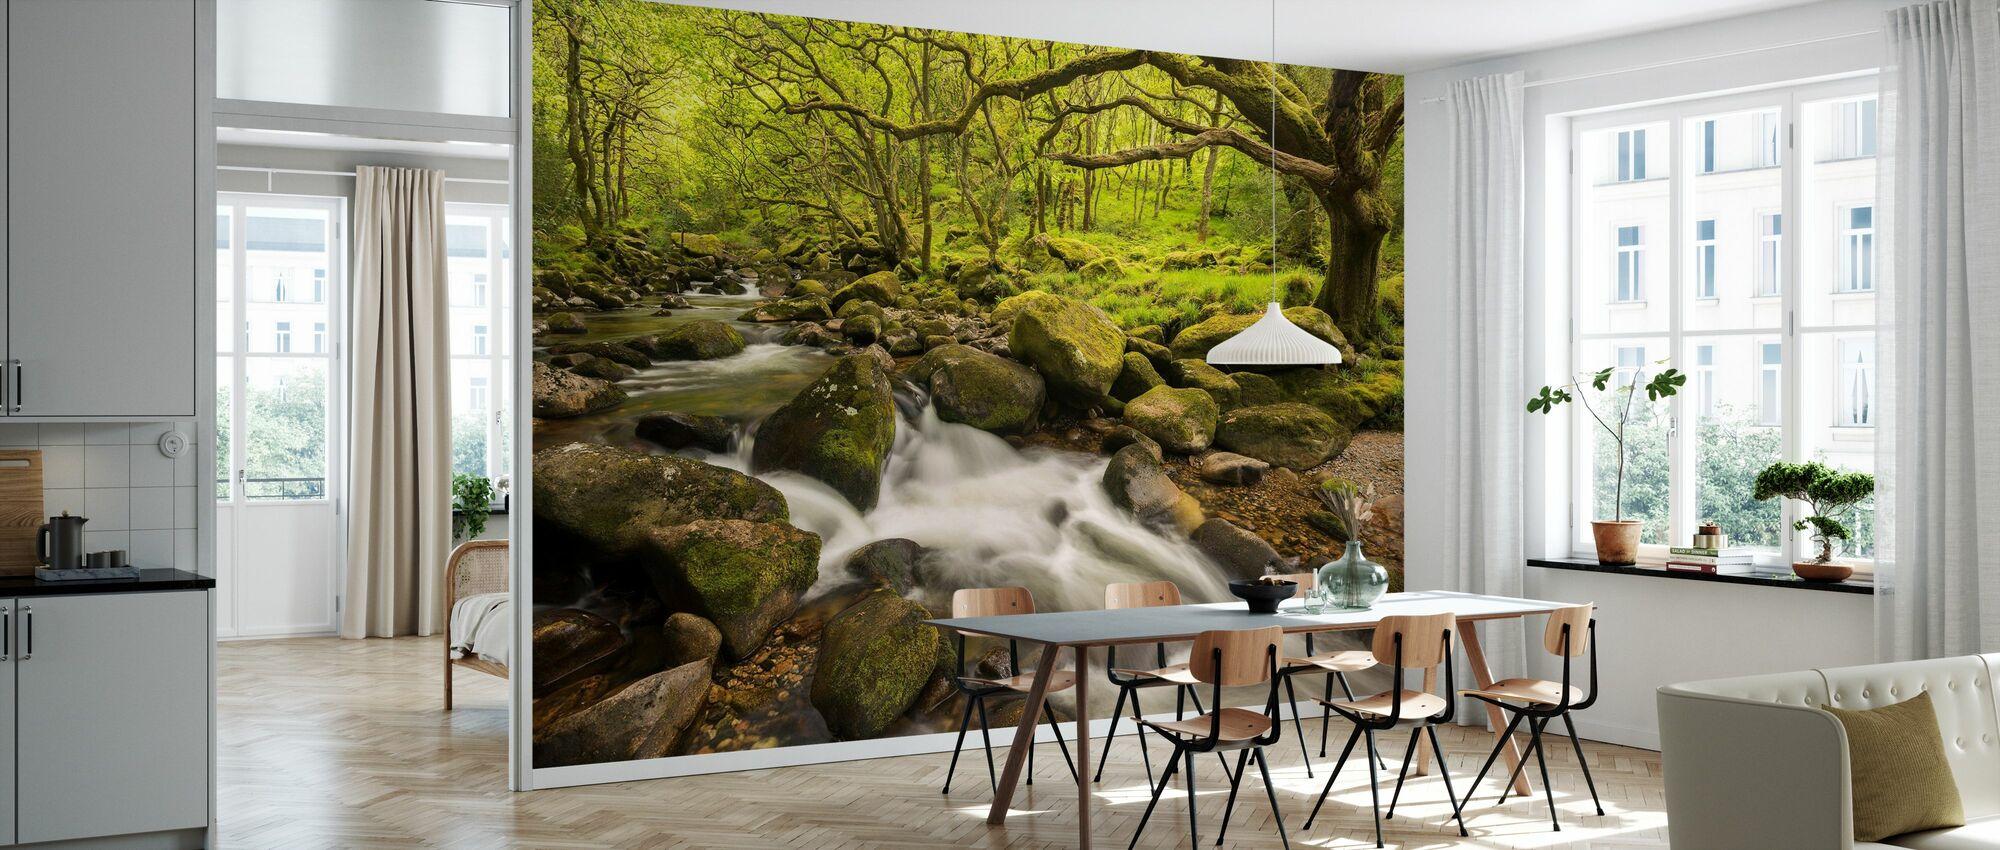 River Plym in Dewerstone Wood, Devon, England, UK - Wallpaper - Kitchen